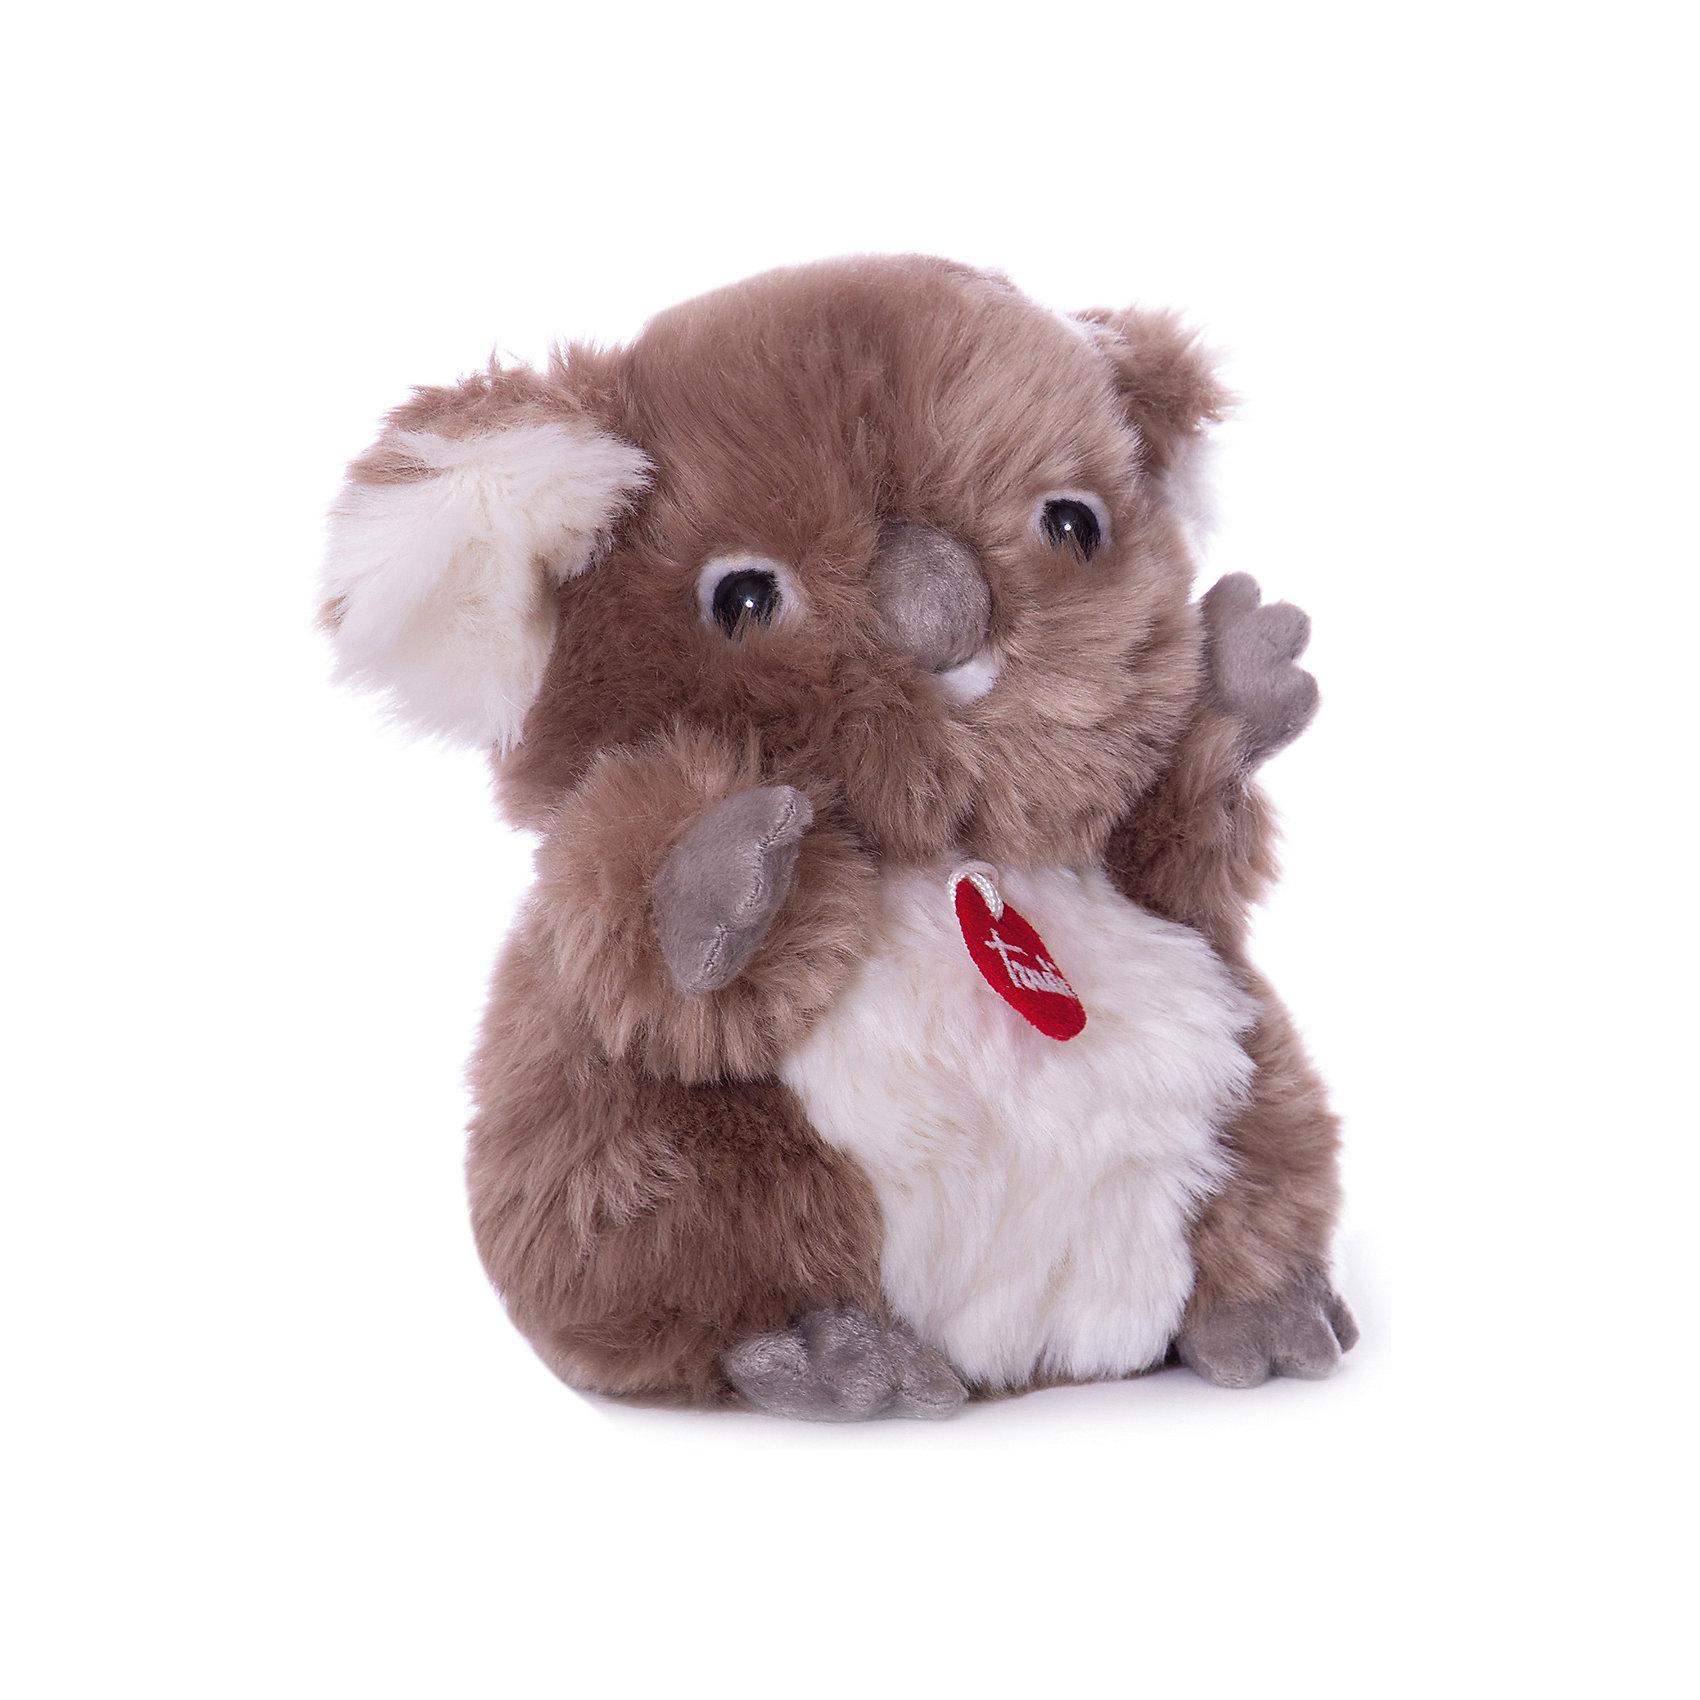 Коала-пушистик, 24 см, TrudiКоала-пушистик от Trudi очарует и детей и взрослых! Мягкая шерстка коалы очень приятна на ощупь, большой бархатный коричневый носик и озорные глазки приведут в восторг любого ребенка. С этим милым пушистиком будет очень весело играть, придумывая разные истории, и спокойно и уютно засыпать ночью. Игрушка изготовлена из высококачественных нетоксичных гипоаллергенных материалов абсолютно безопасных для самых маленьких детей.<br><br>Дополнительная информация:<br><br>- Материал: пластик, текстиль, искусственный мех. <br>- Высота: 24 см. <br><br>Коалу-пушистика, 24 см, Trudi (Труди), можно купить в нашем магазине.<br><br>Ширина мм: 140<br>Глубина мм: 140<br>Высота мм: 240<br>Вес г: 120<br>Возраст от месяцев: 12<br>Возраст до месяцев: 2147483647<br>Пол: Унисекс<br>Возраст: Детский<br>SKU: 5055262